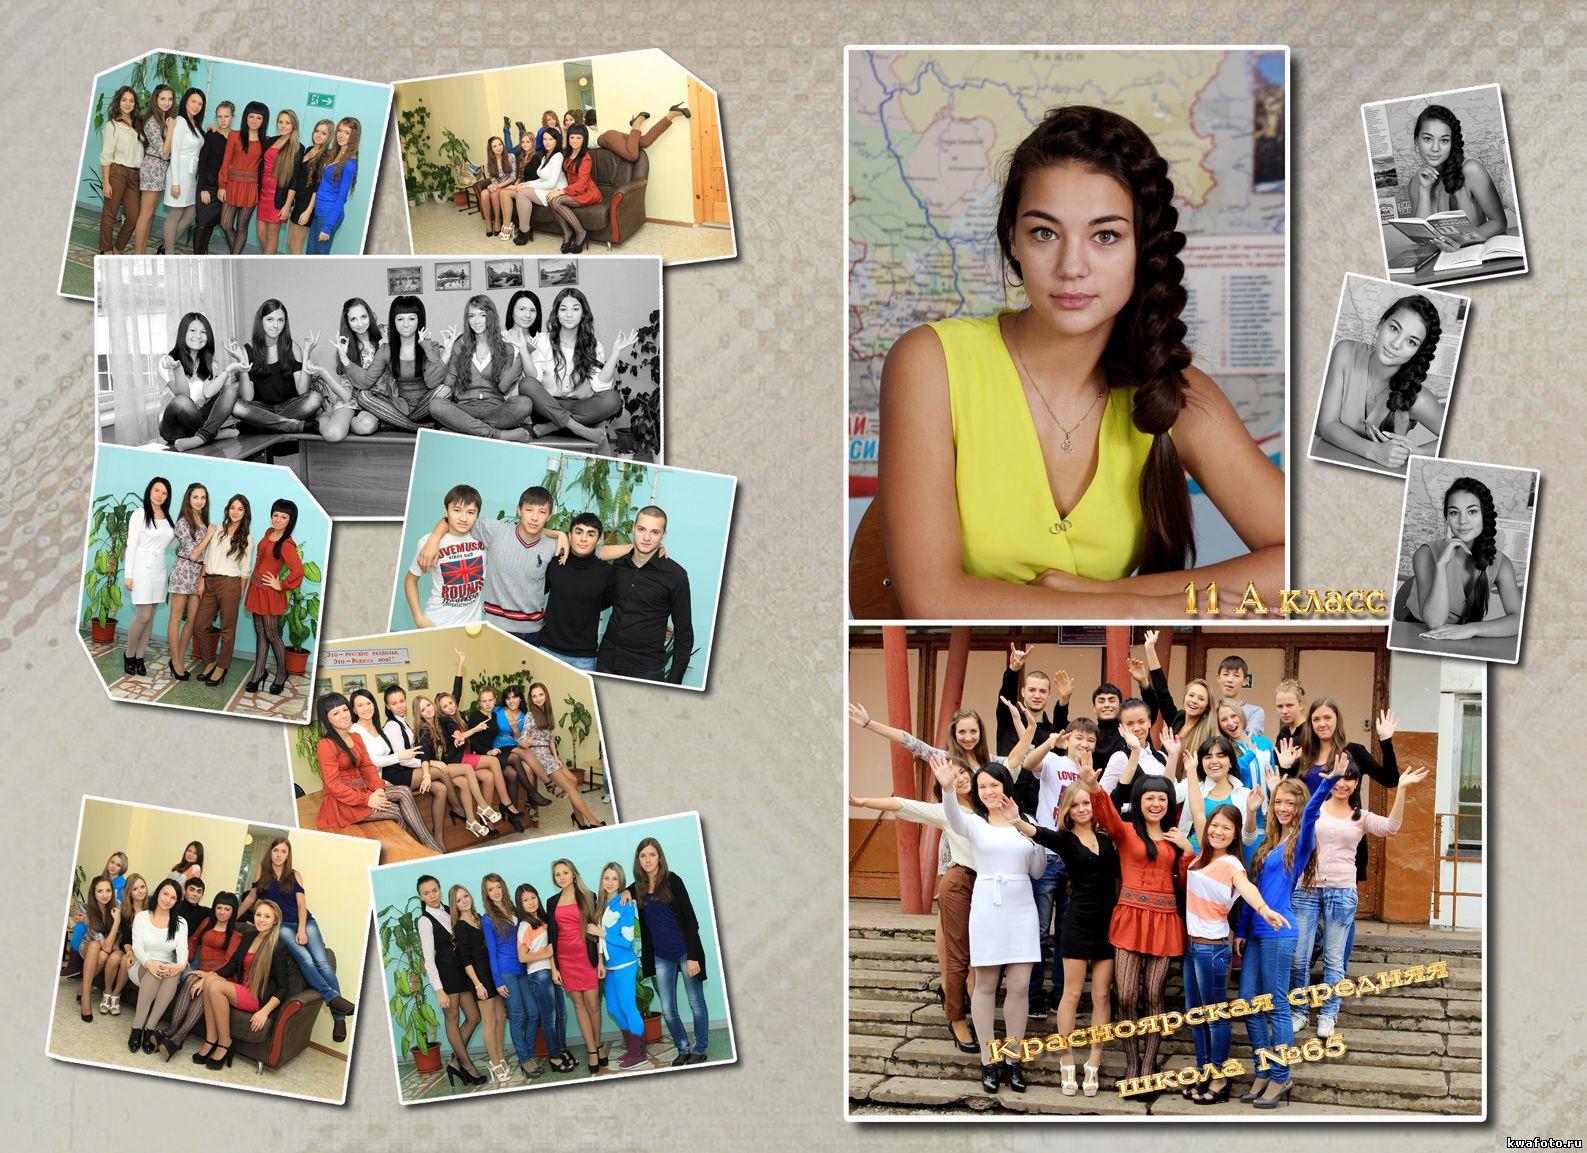 Как загрузить фото в Одноклассники и создать альбом 23